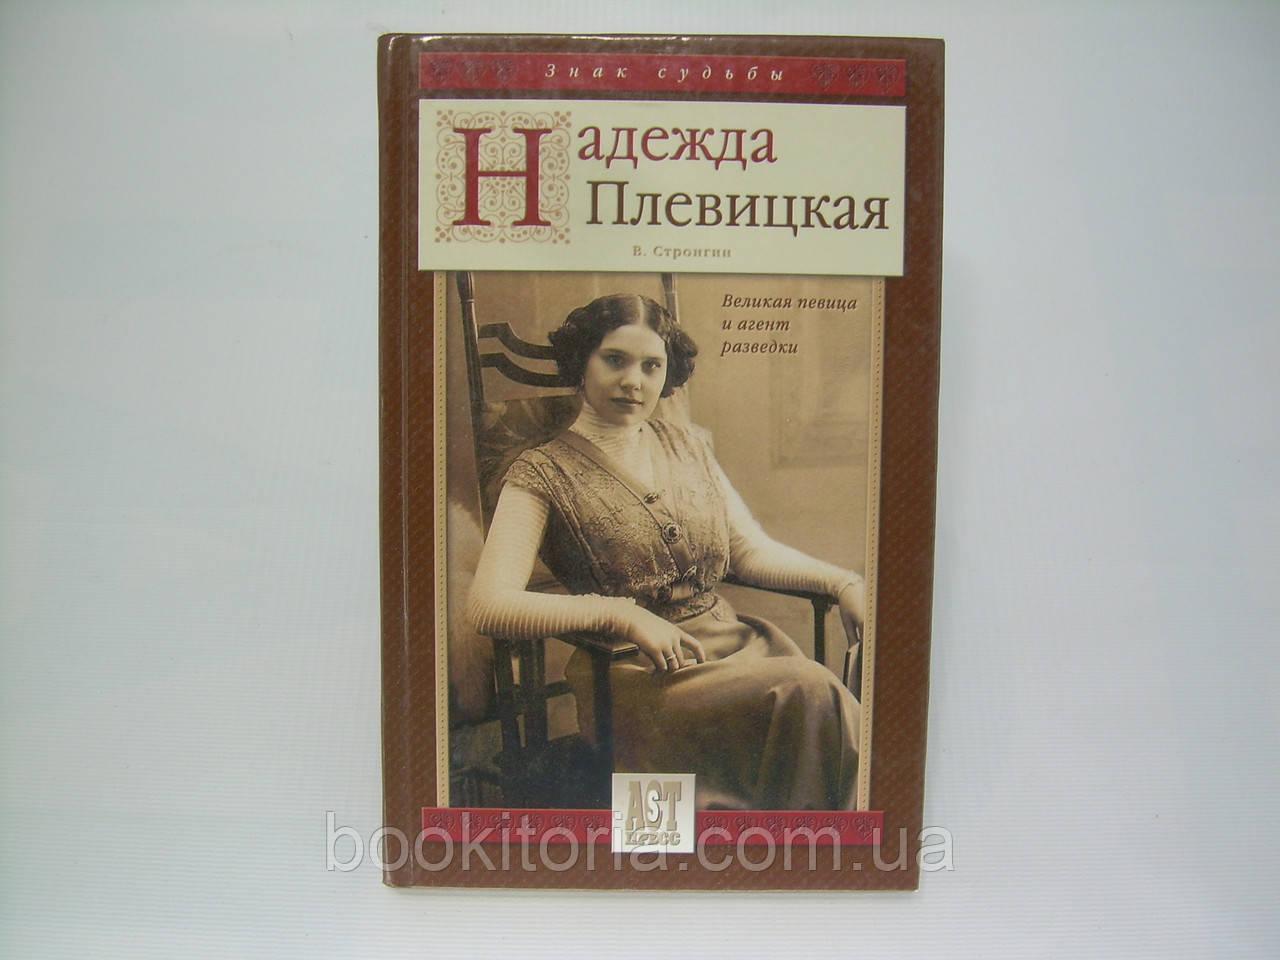 Стронгин В.Л. Надежда Плевицкая. Великая певица и агент разведки (б/у).